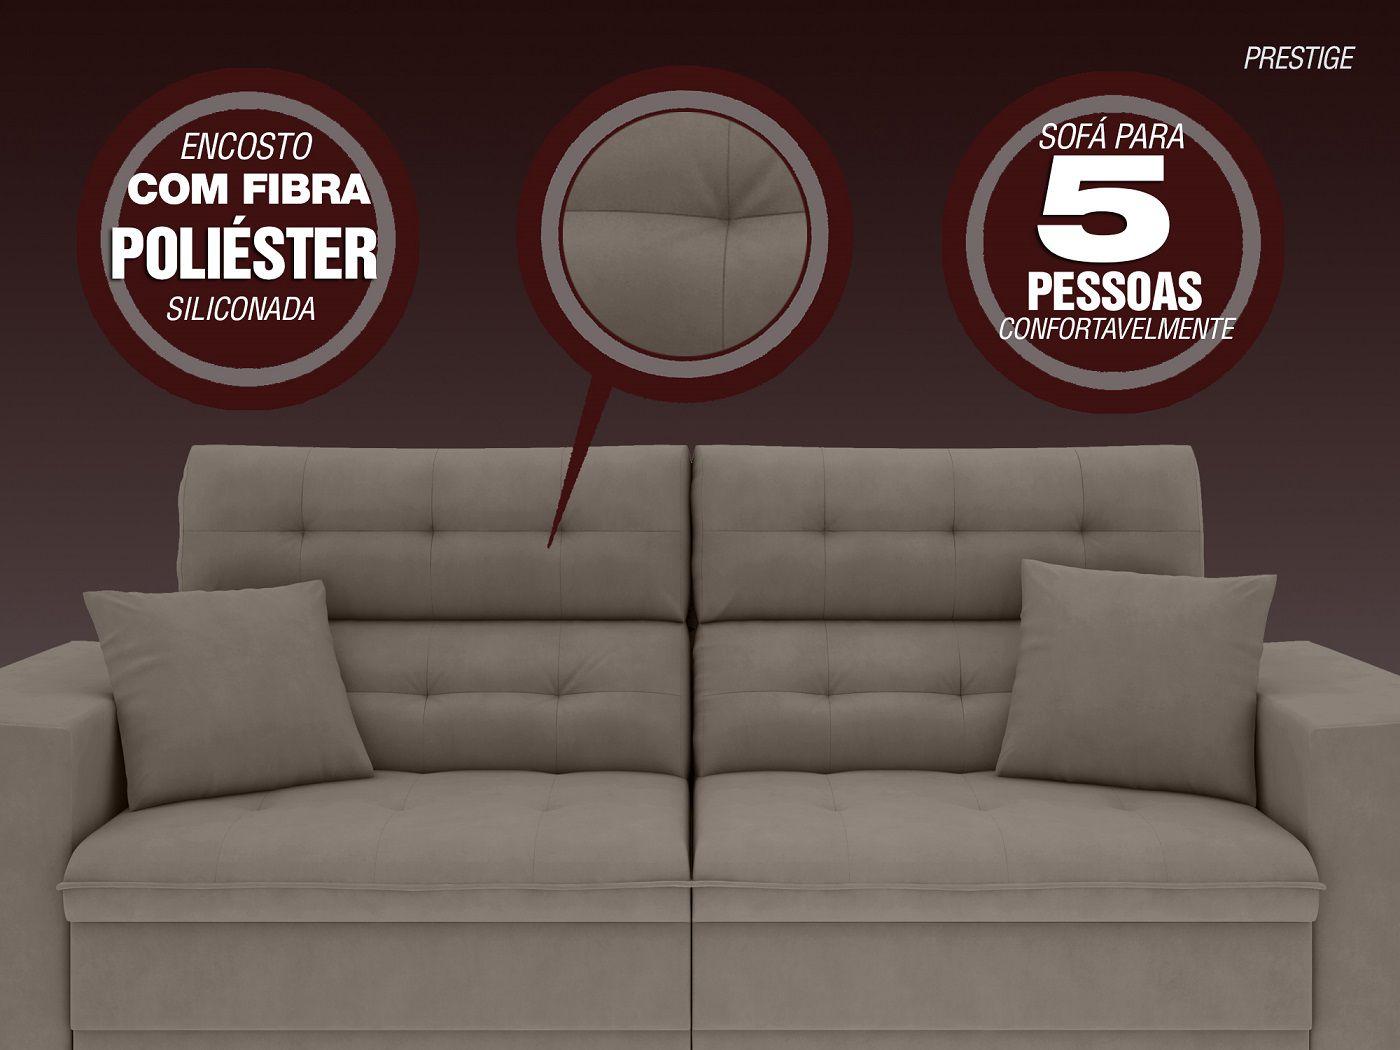 Image of: Sofa 5 Lugares Net Prestige Assento Retratil E Reclinavel Bege 2 50m L Netsofas